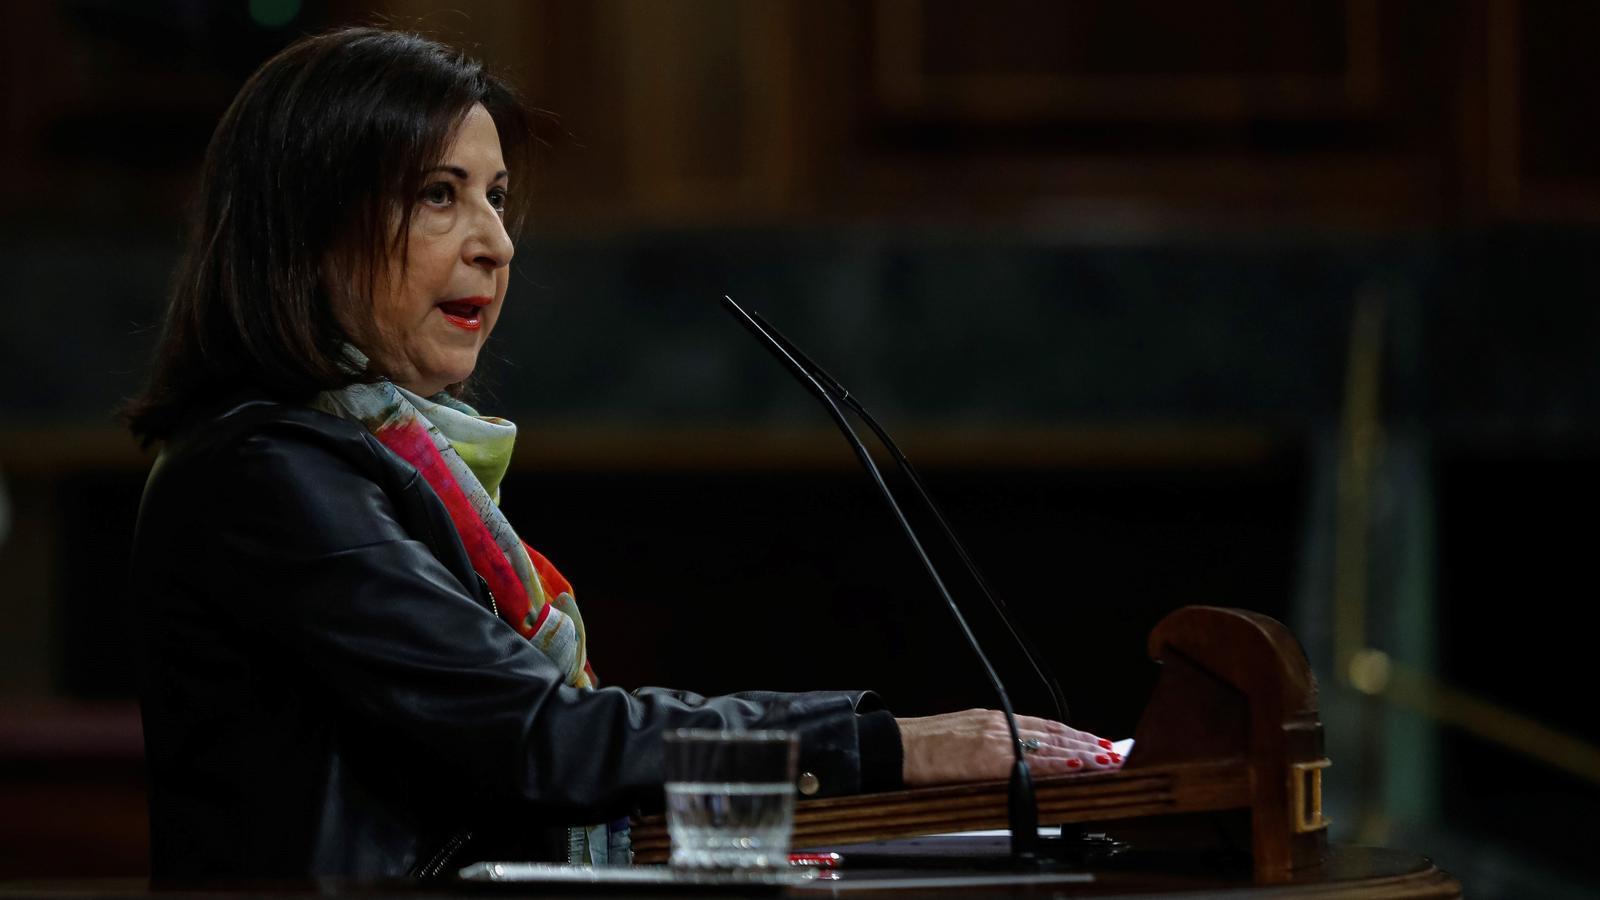 La ministra de Defensa, Margarita Robles, ha presentat l'escrit davant de la Fiscalia per si hi veu indicis d'un delicte d'usurpació de funcions.